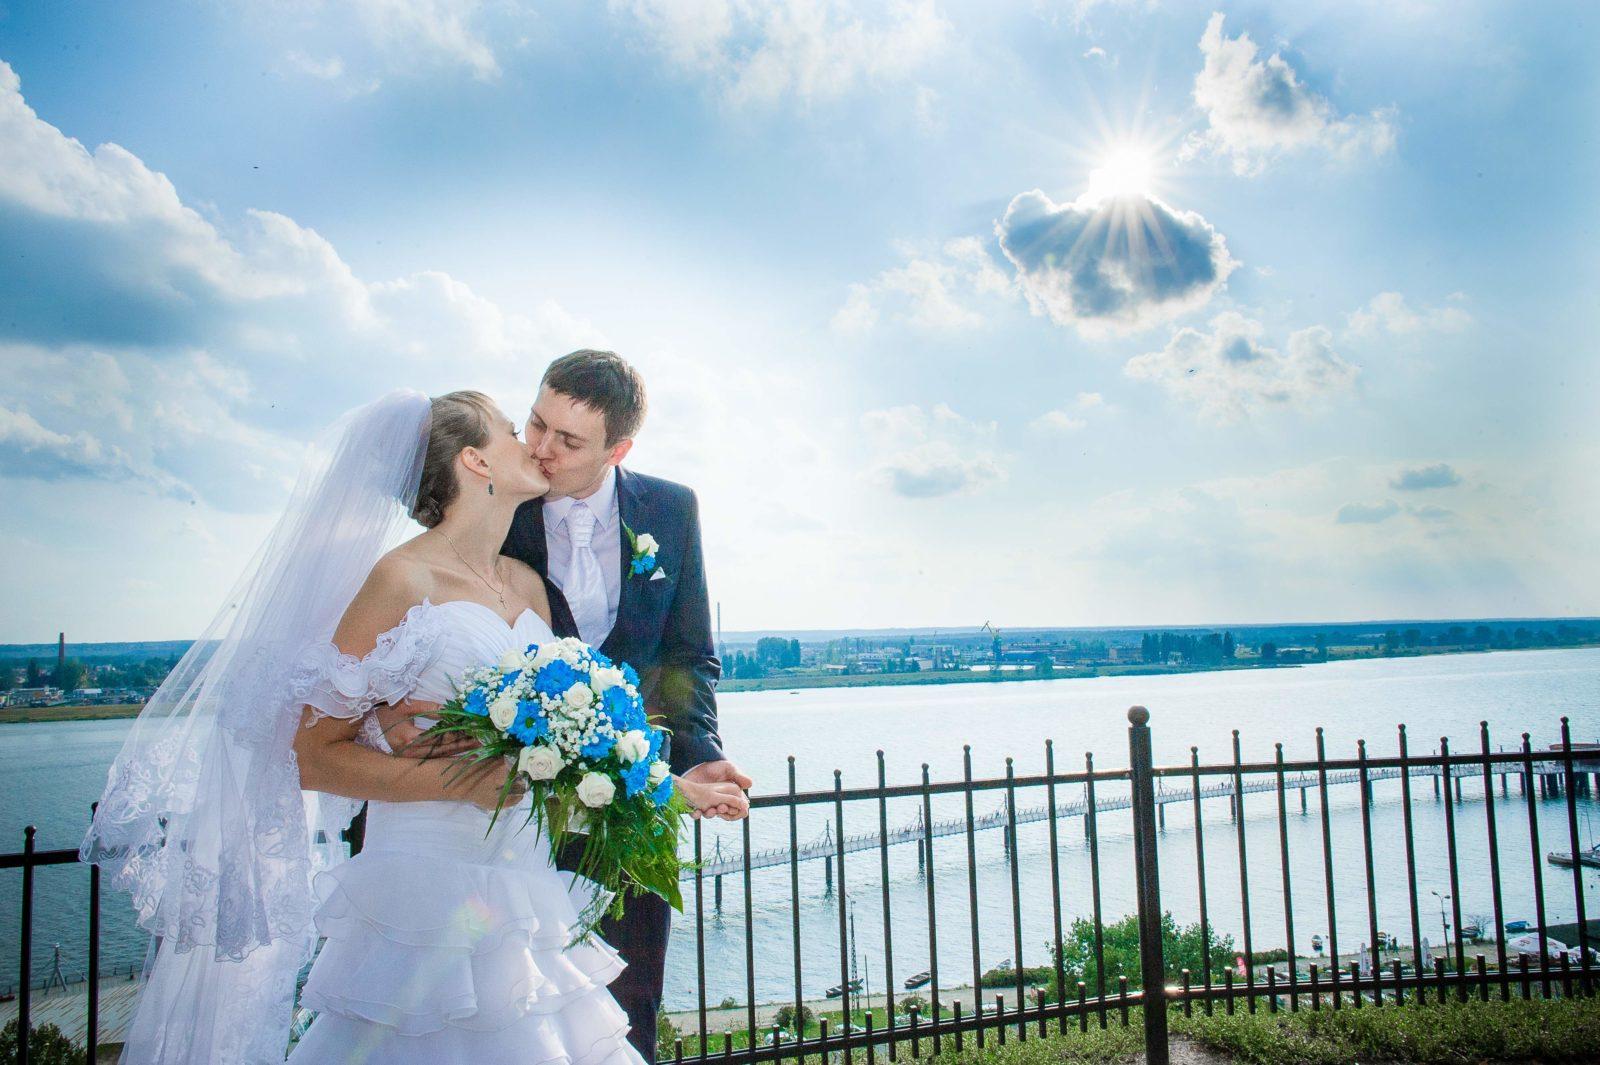 DSC 6003 - Анна i Zbigniew-zdjęcia ślubne Włocławek